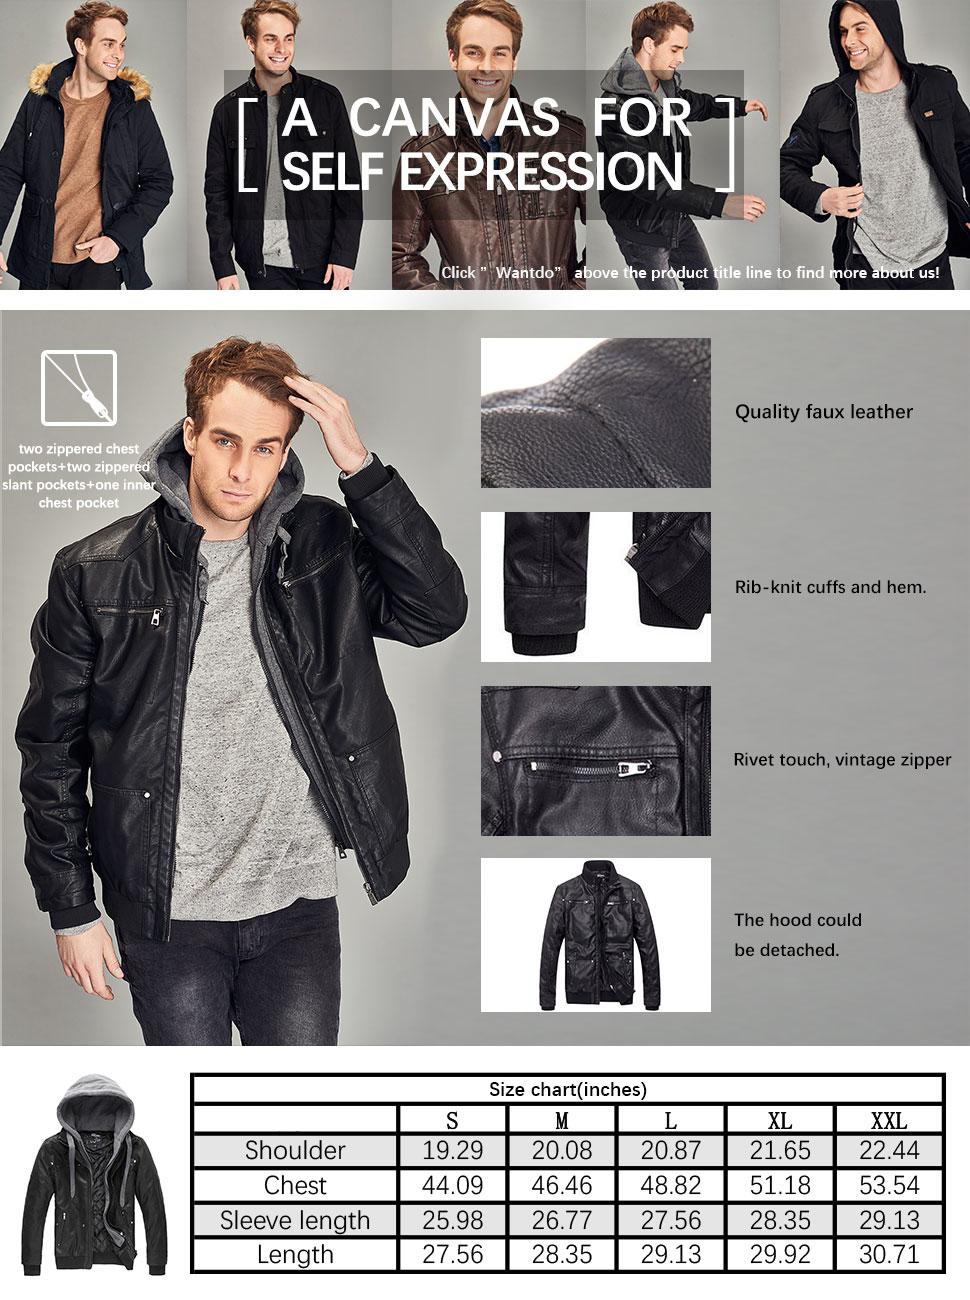 Leather jacket size 18 - Product Description